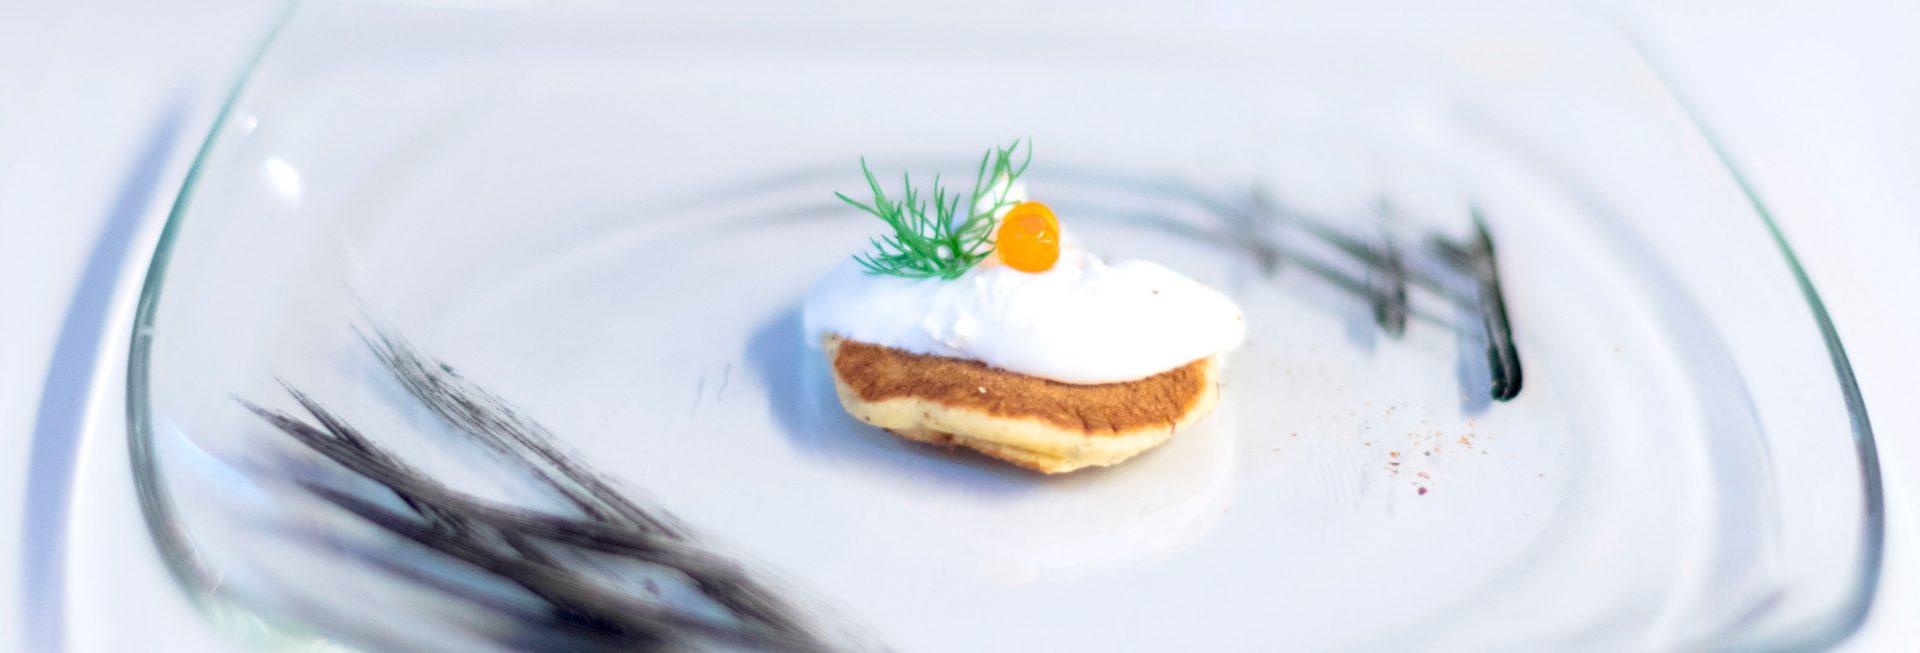 ristorante il tegolo livorno dolci degustazione firriato